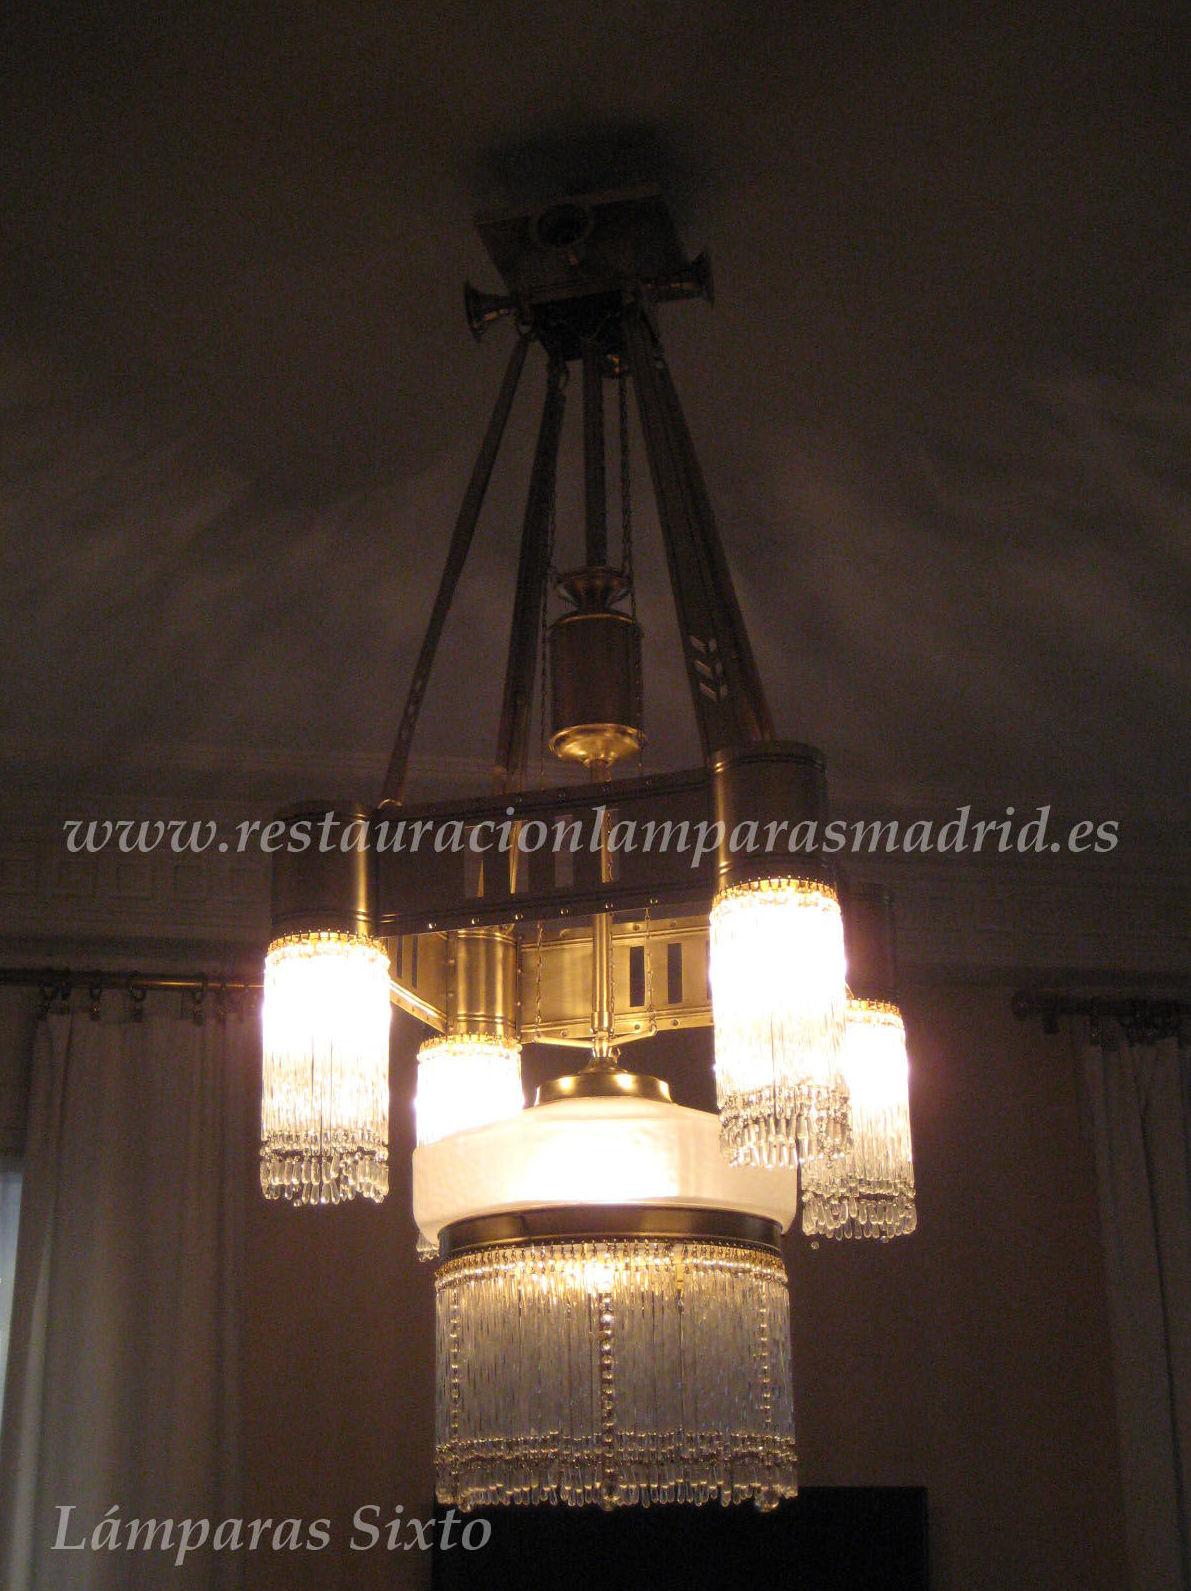 Lámpara de 5 luces con canaleta hueca